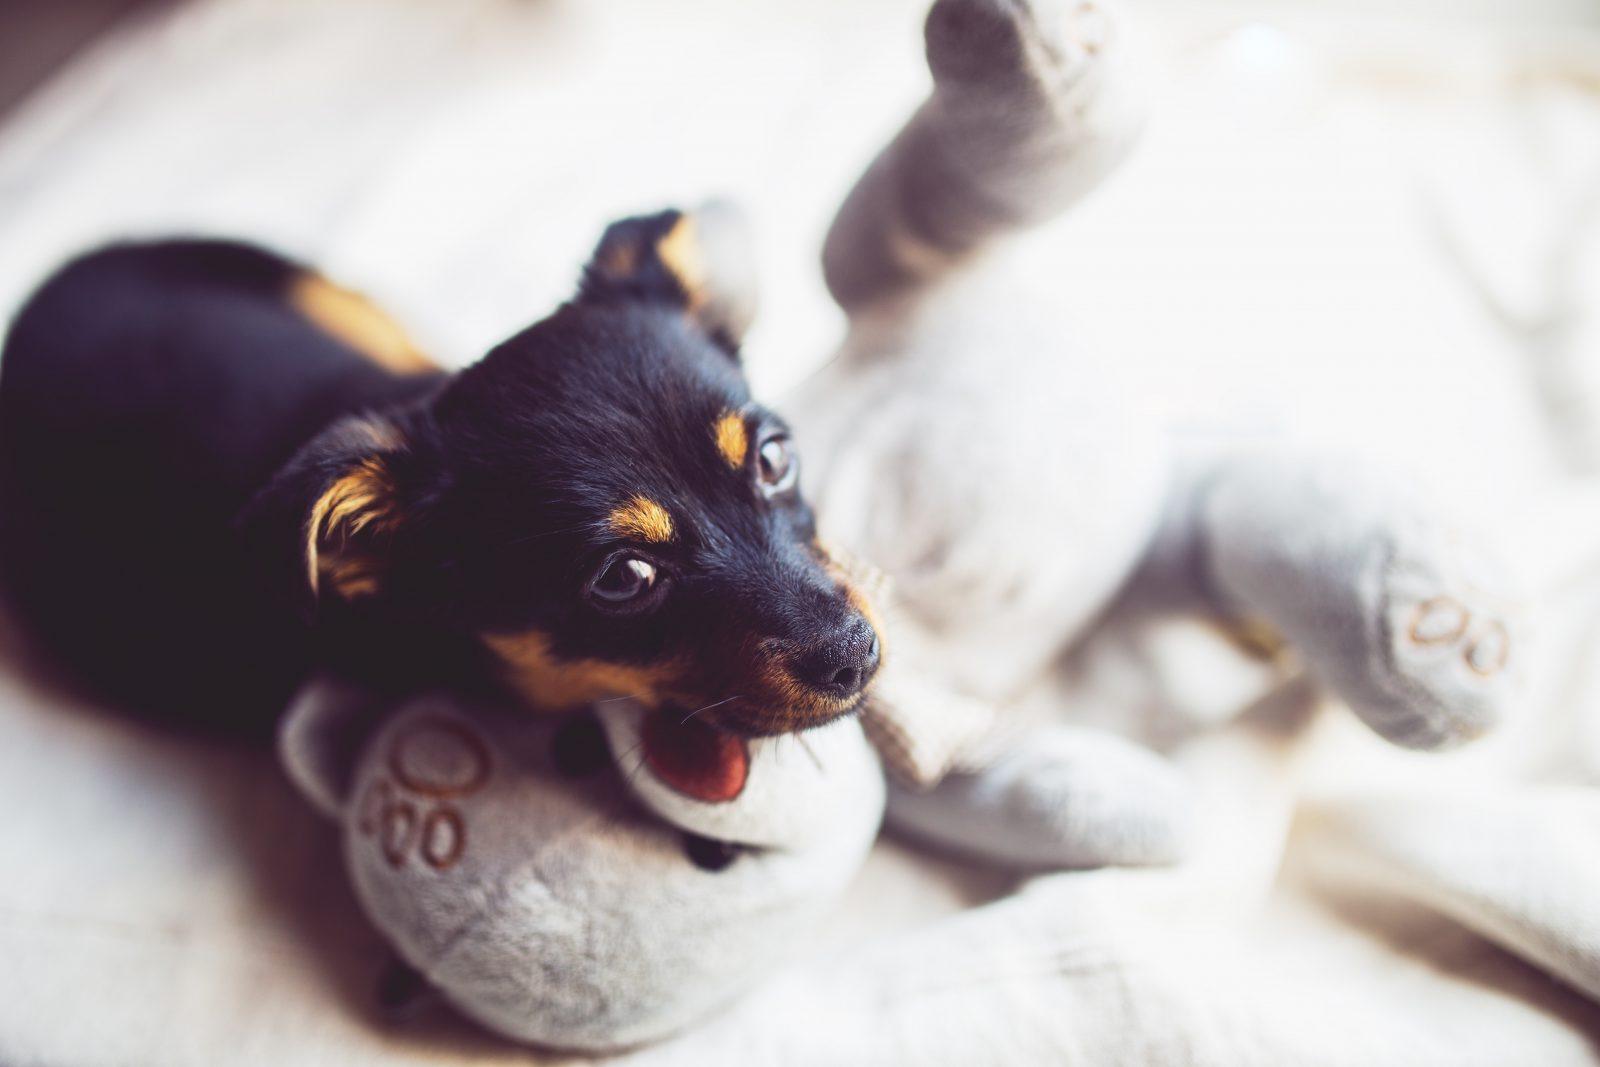 Produtos pet: cachorro com brinquedo de pelúcia